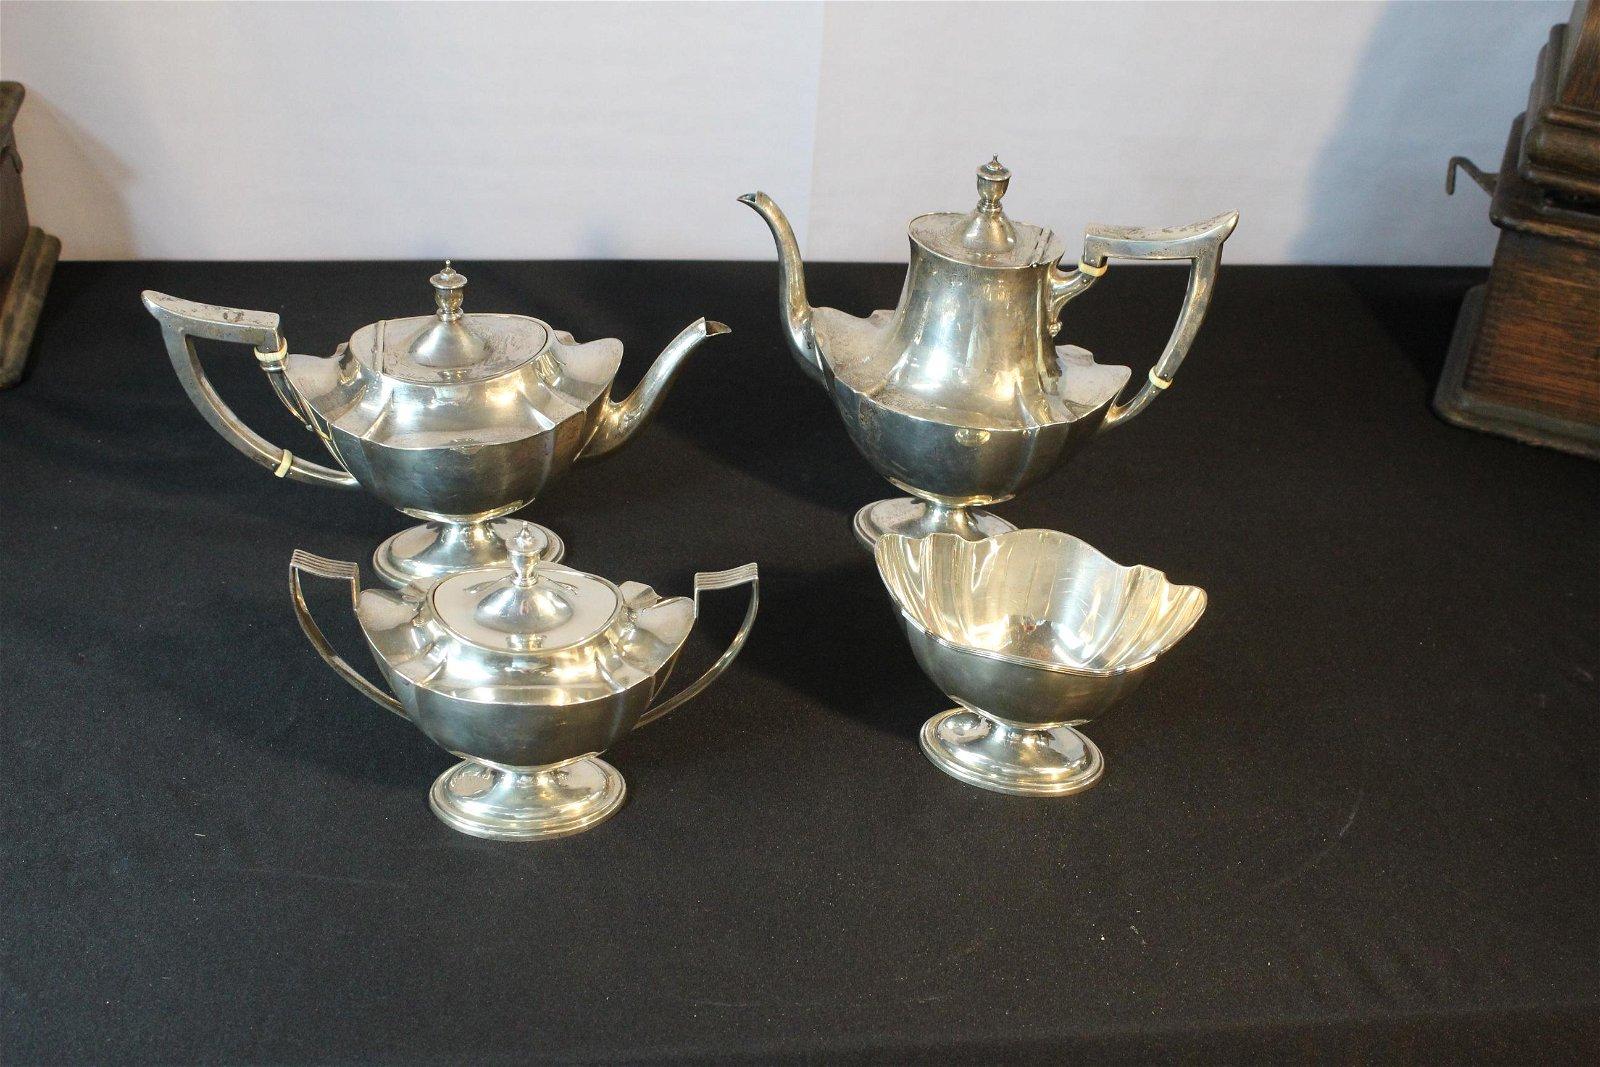 Gorham sterling tea set